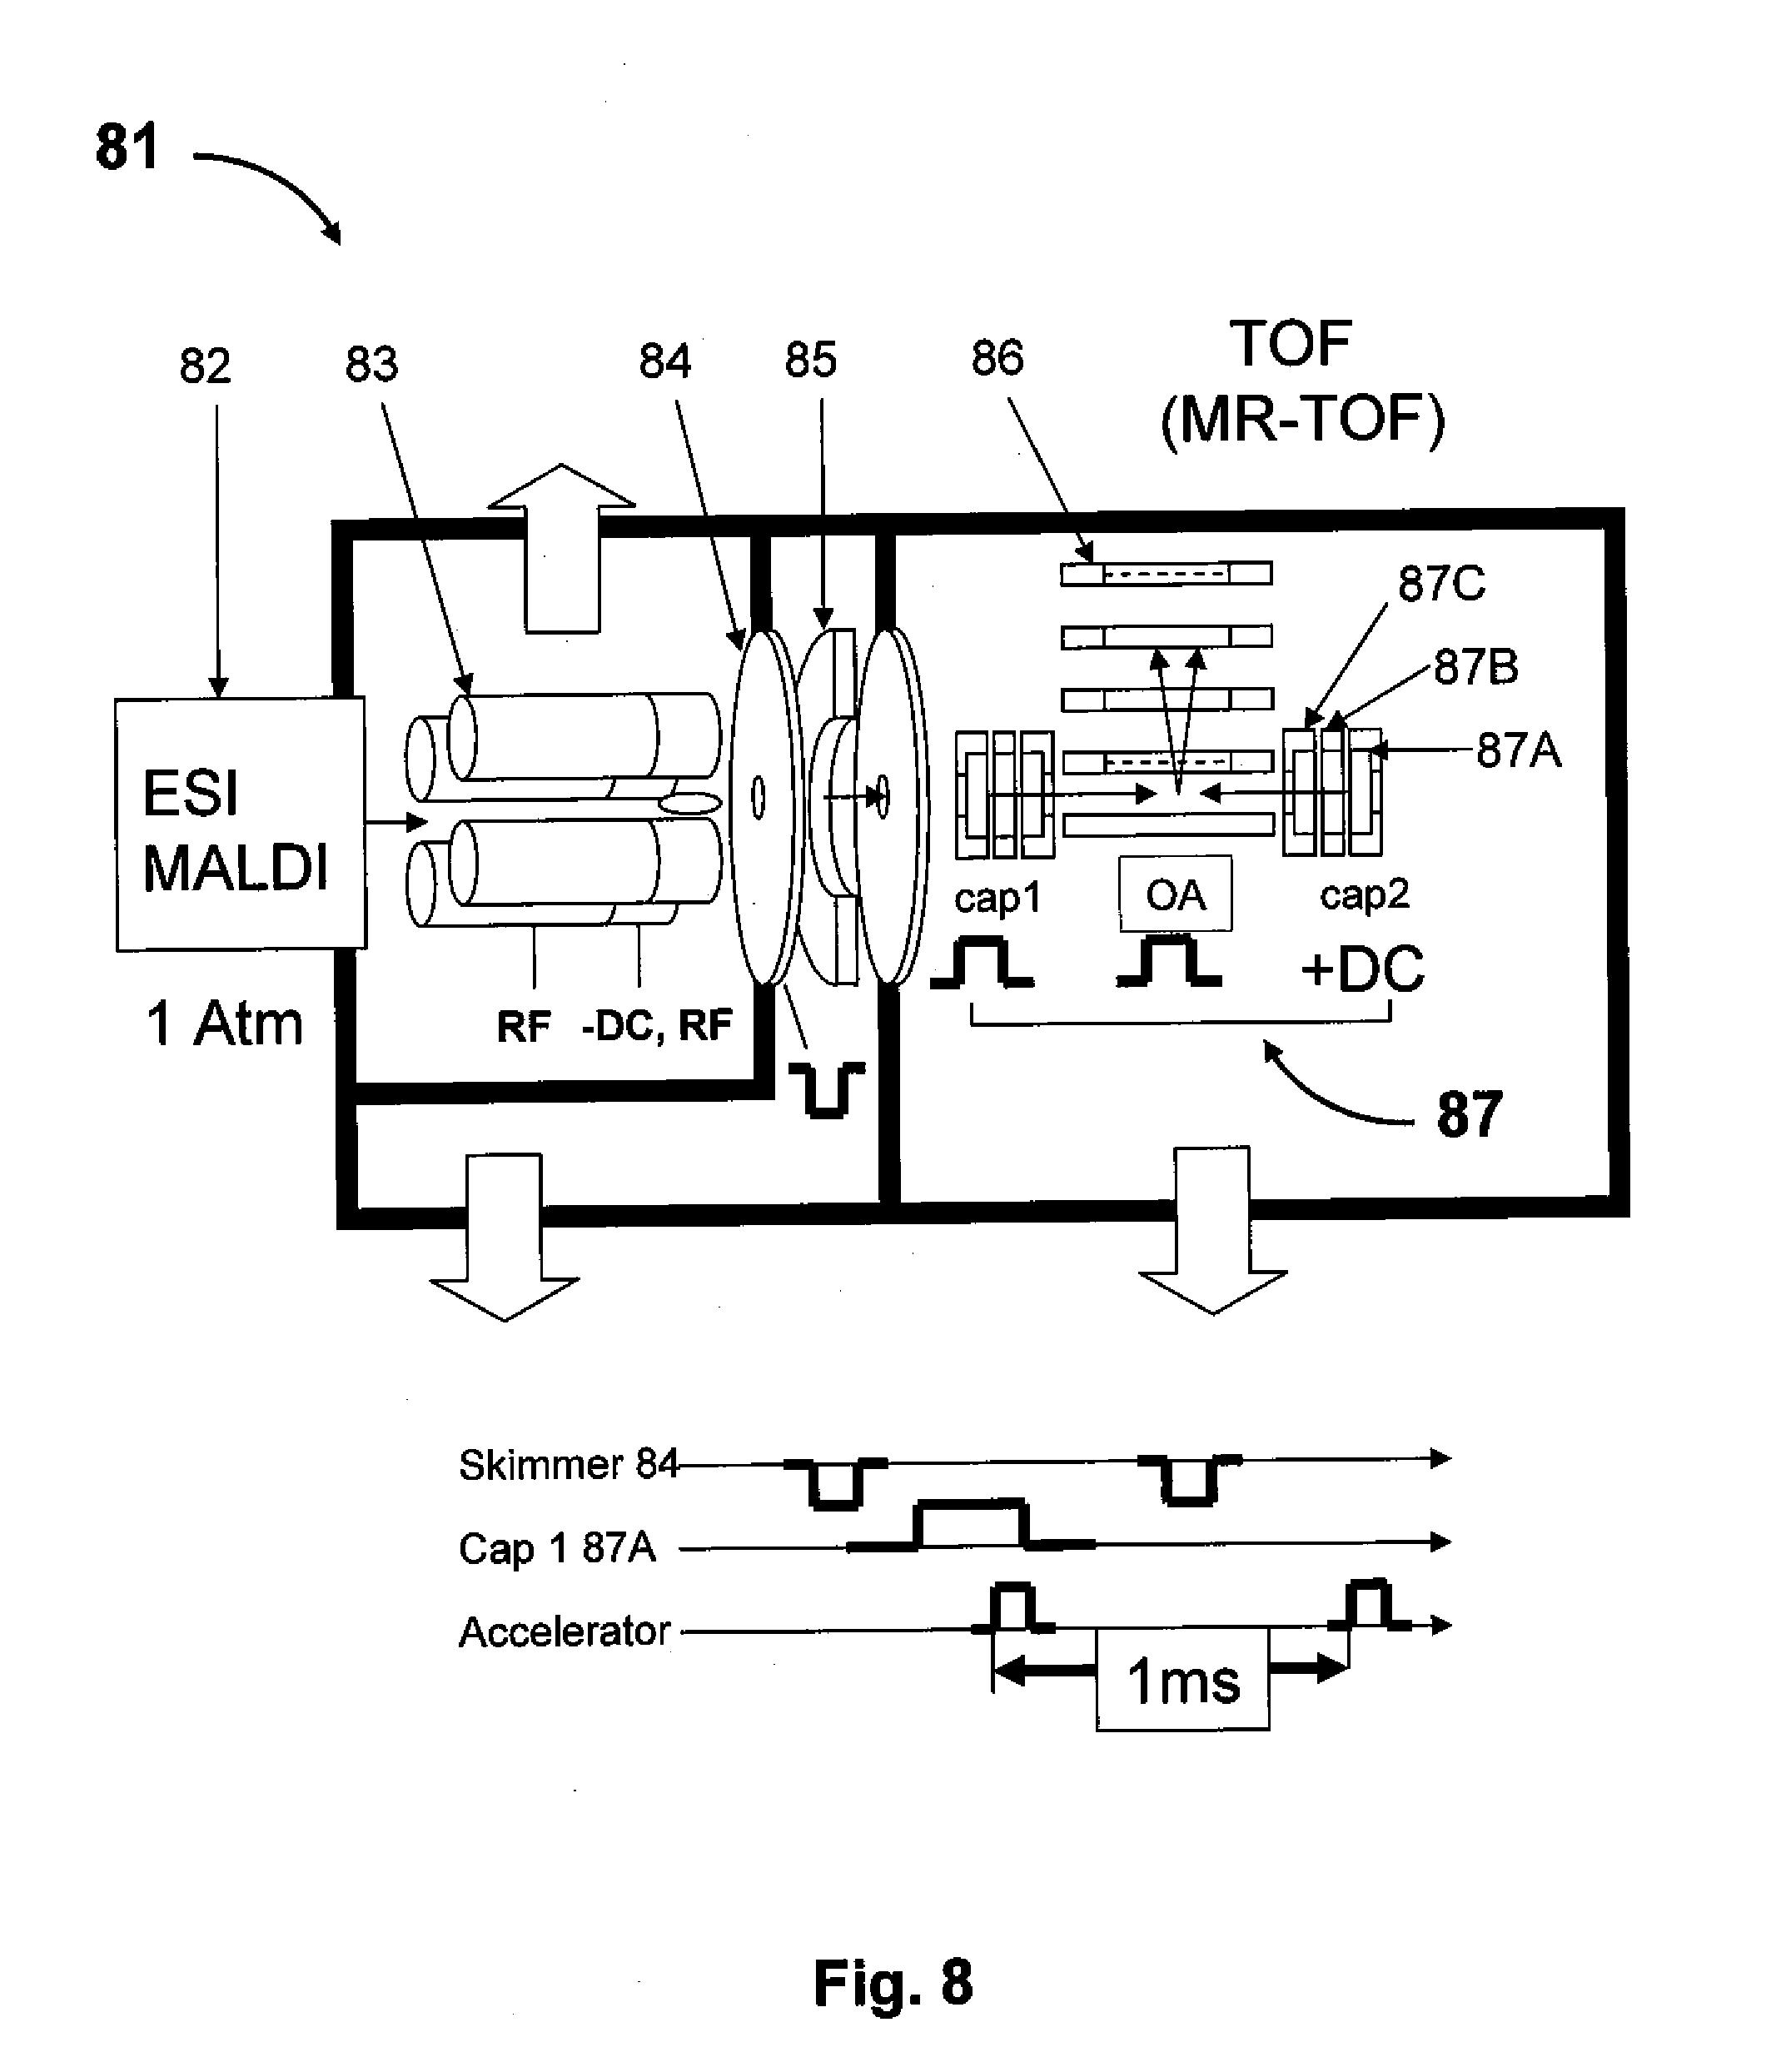 passtime wiring diagram Download-Passtime Gps Wiring Diagram 8-q